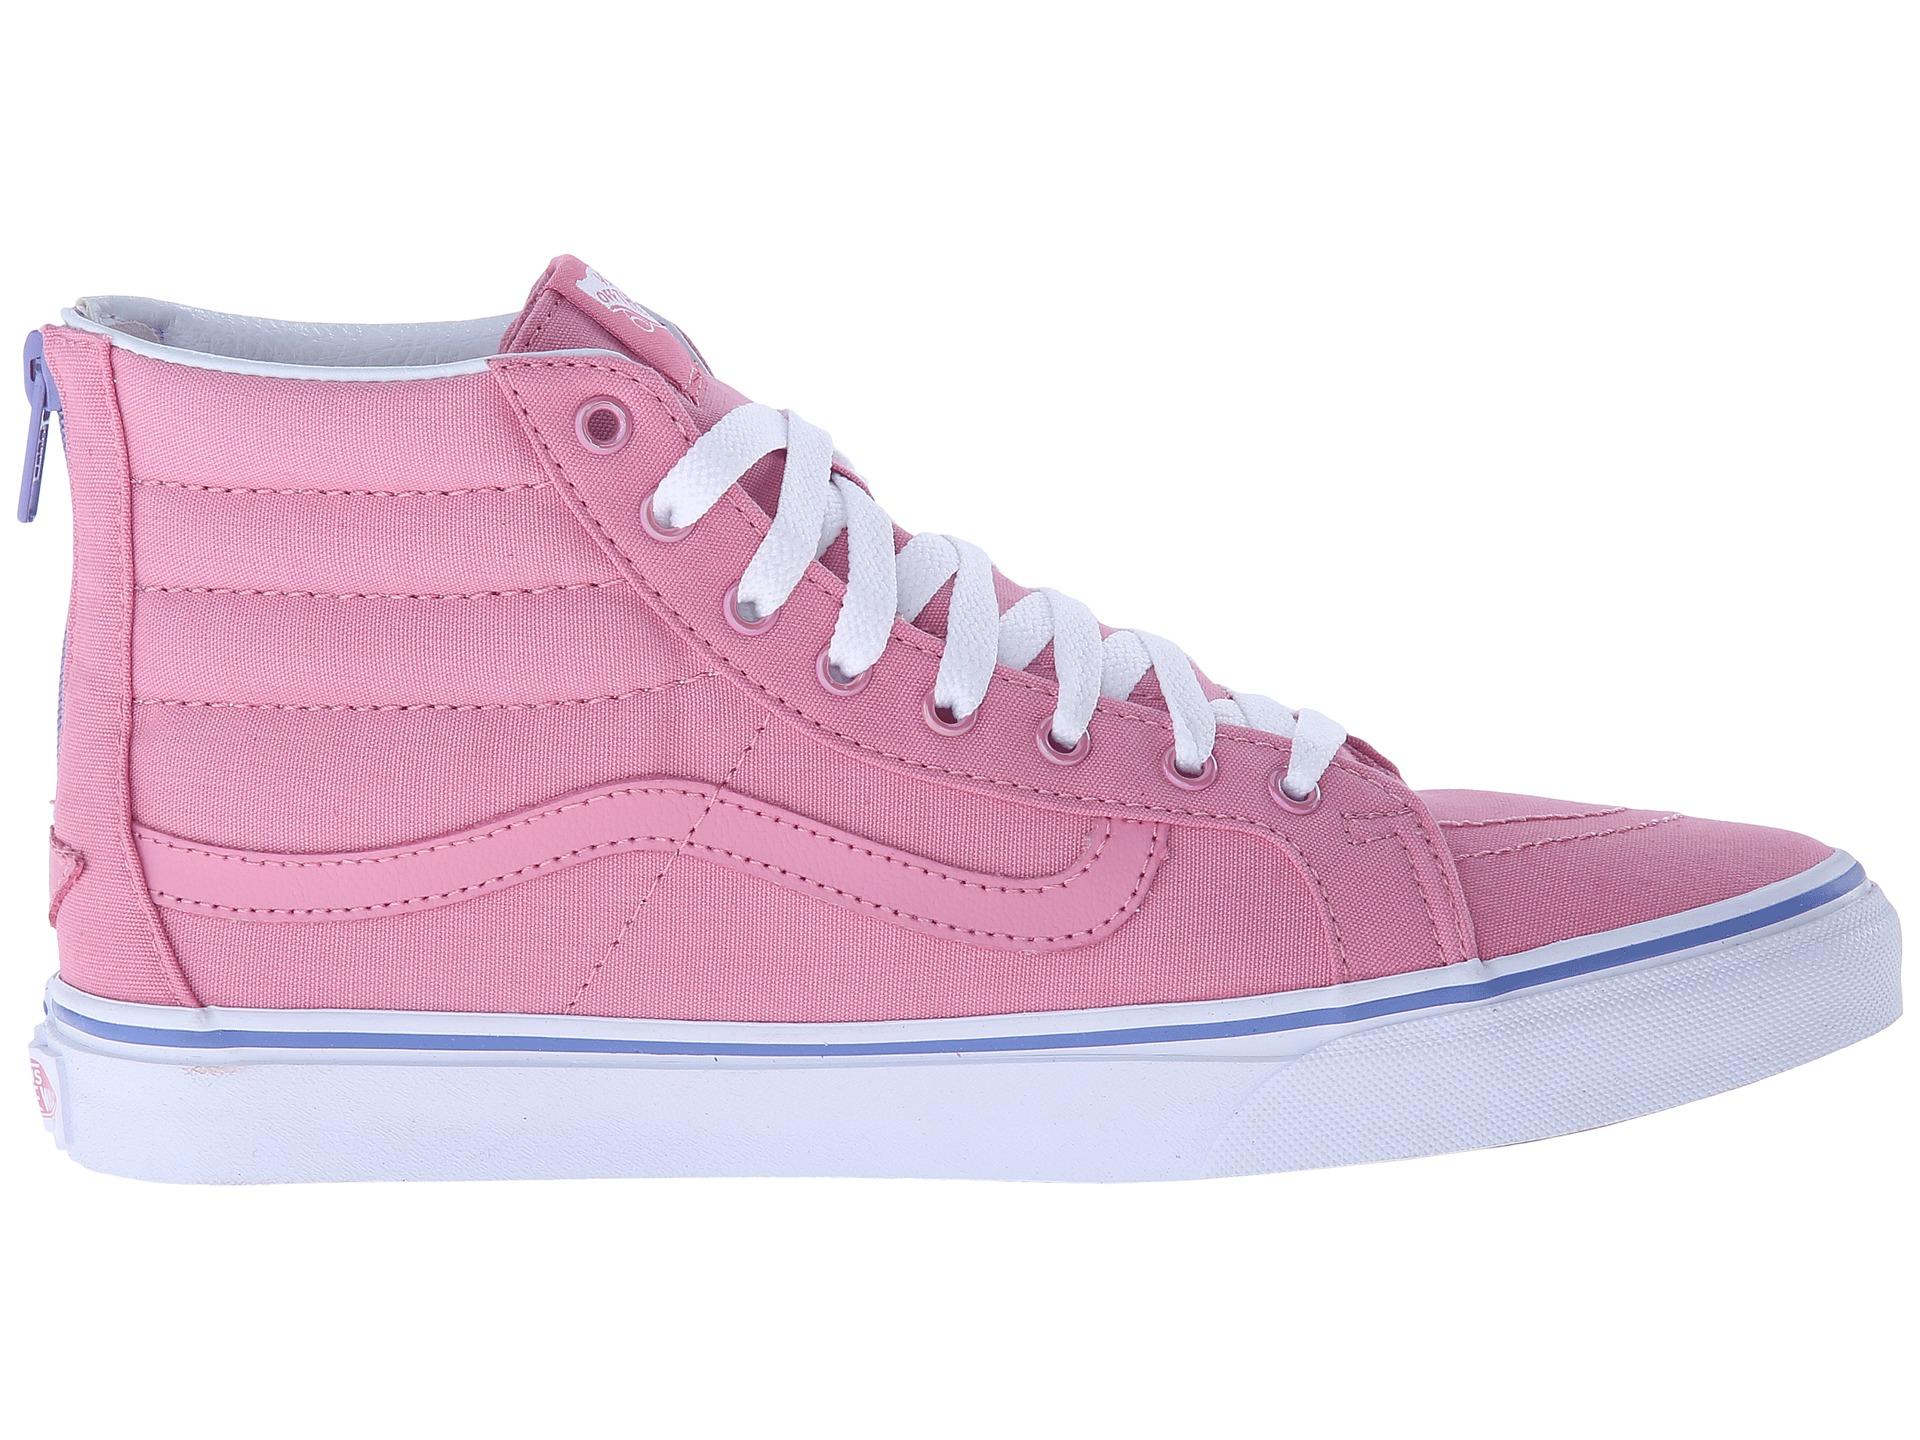 2ead72e3974f1a Lyst - Vans Sk8-hi Slim Zip in Pink